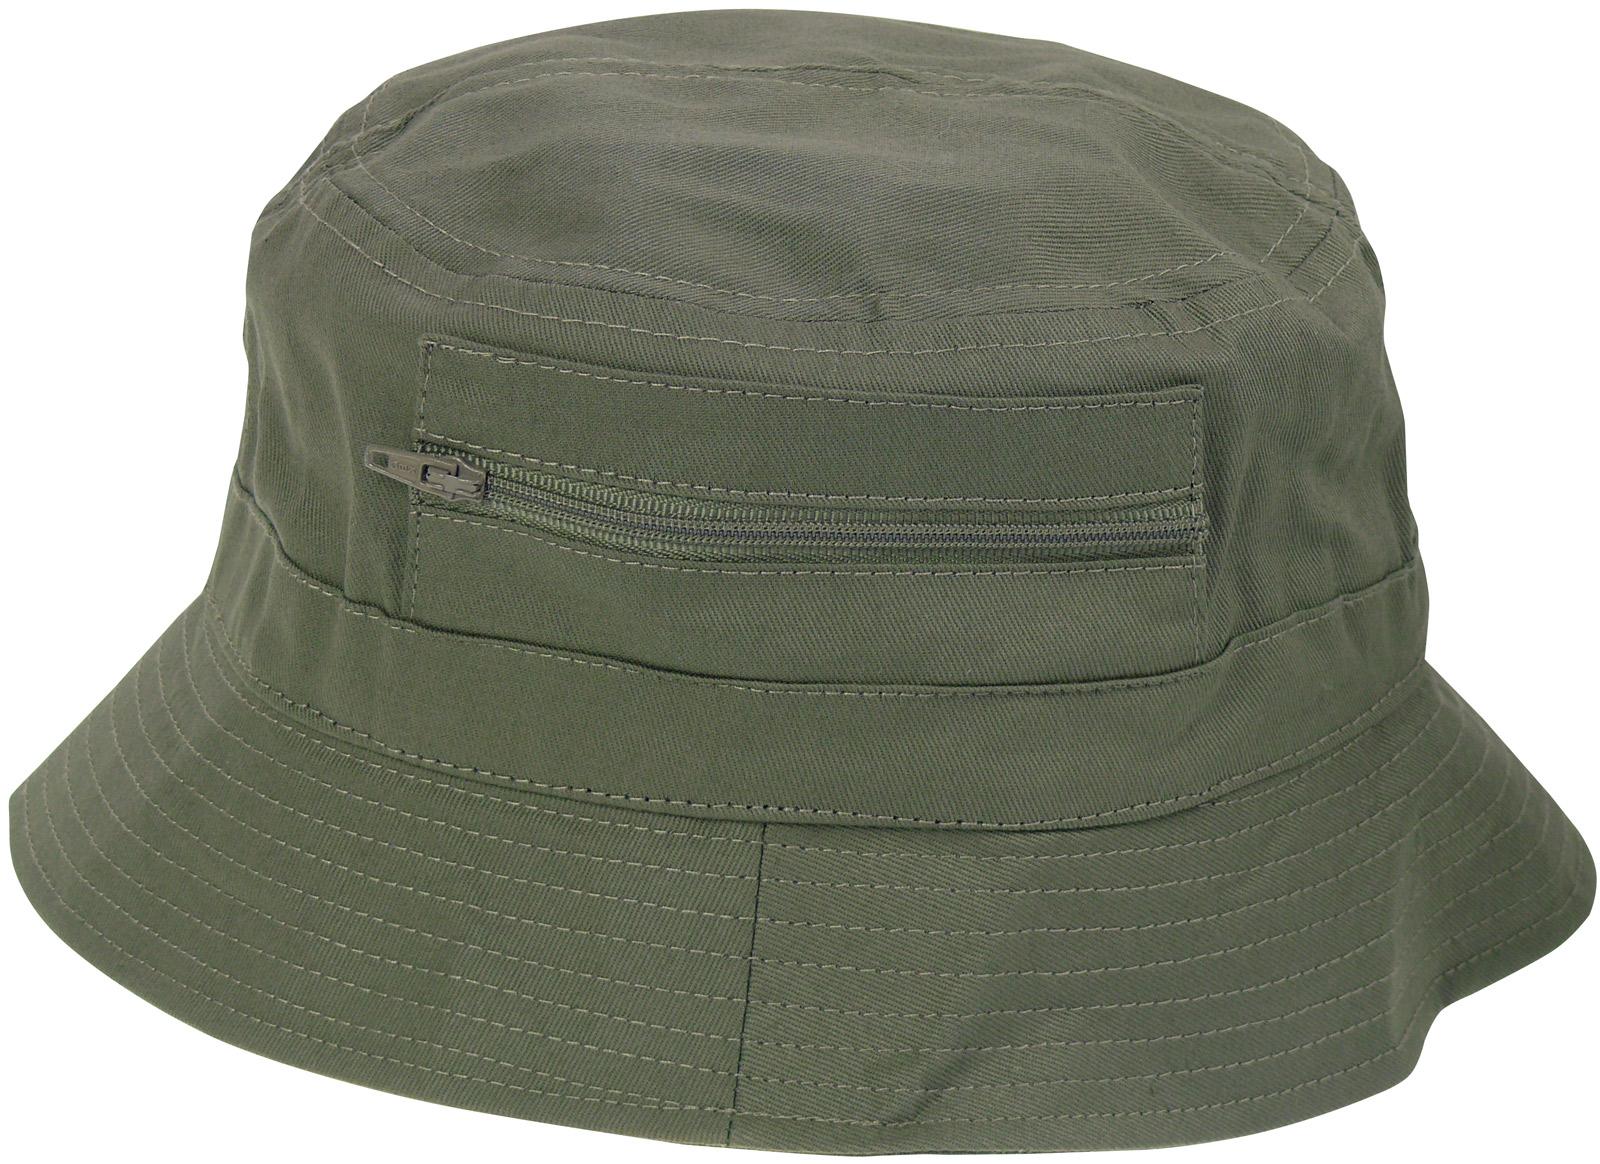 Fischerhut in 4 Farben bis Größe 63 Hut Hüte neu